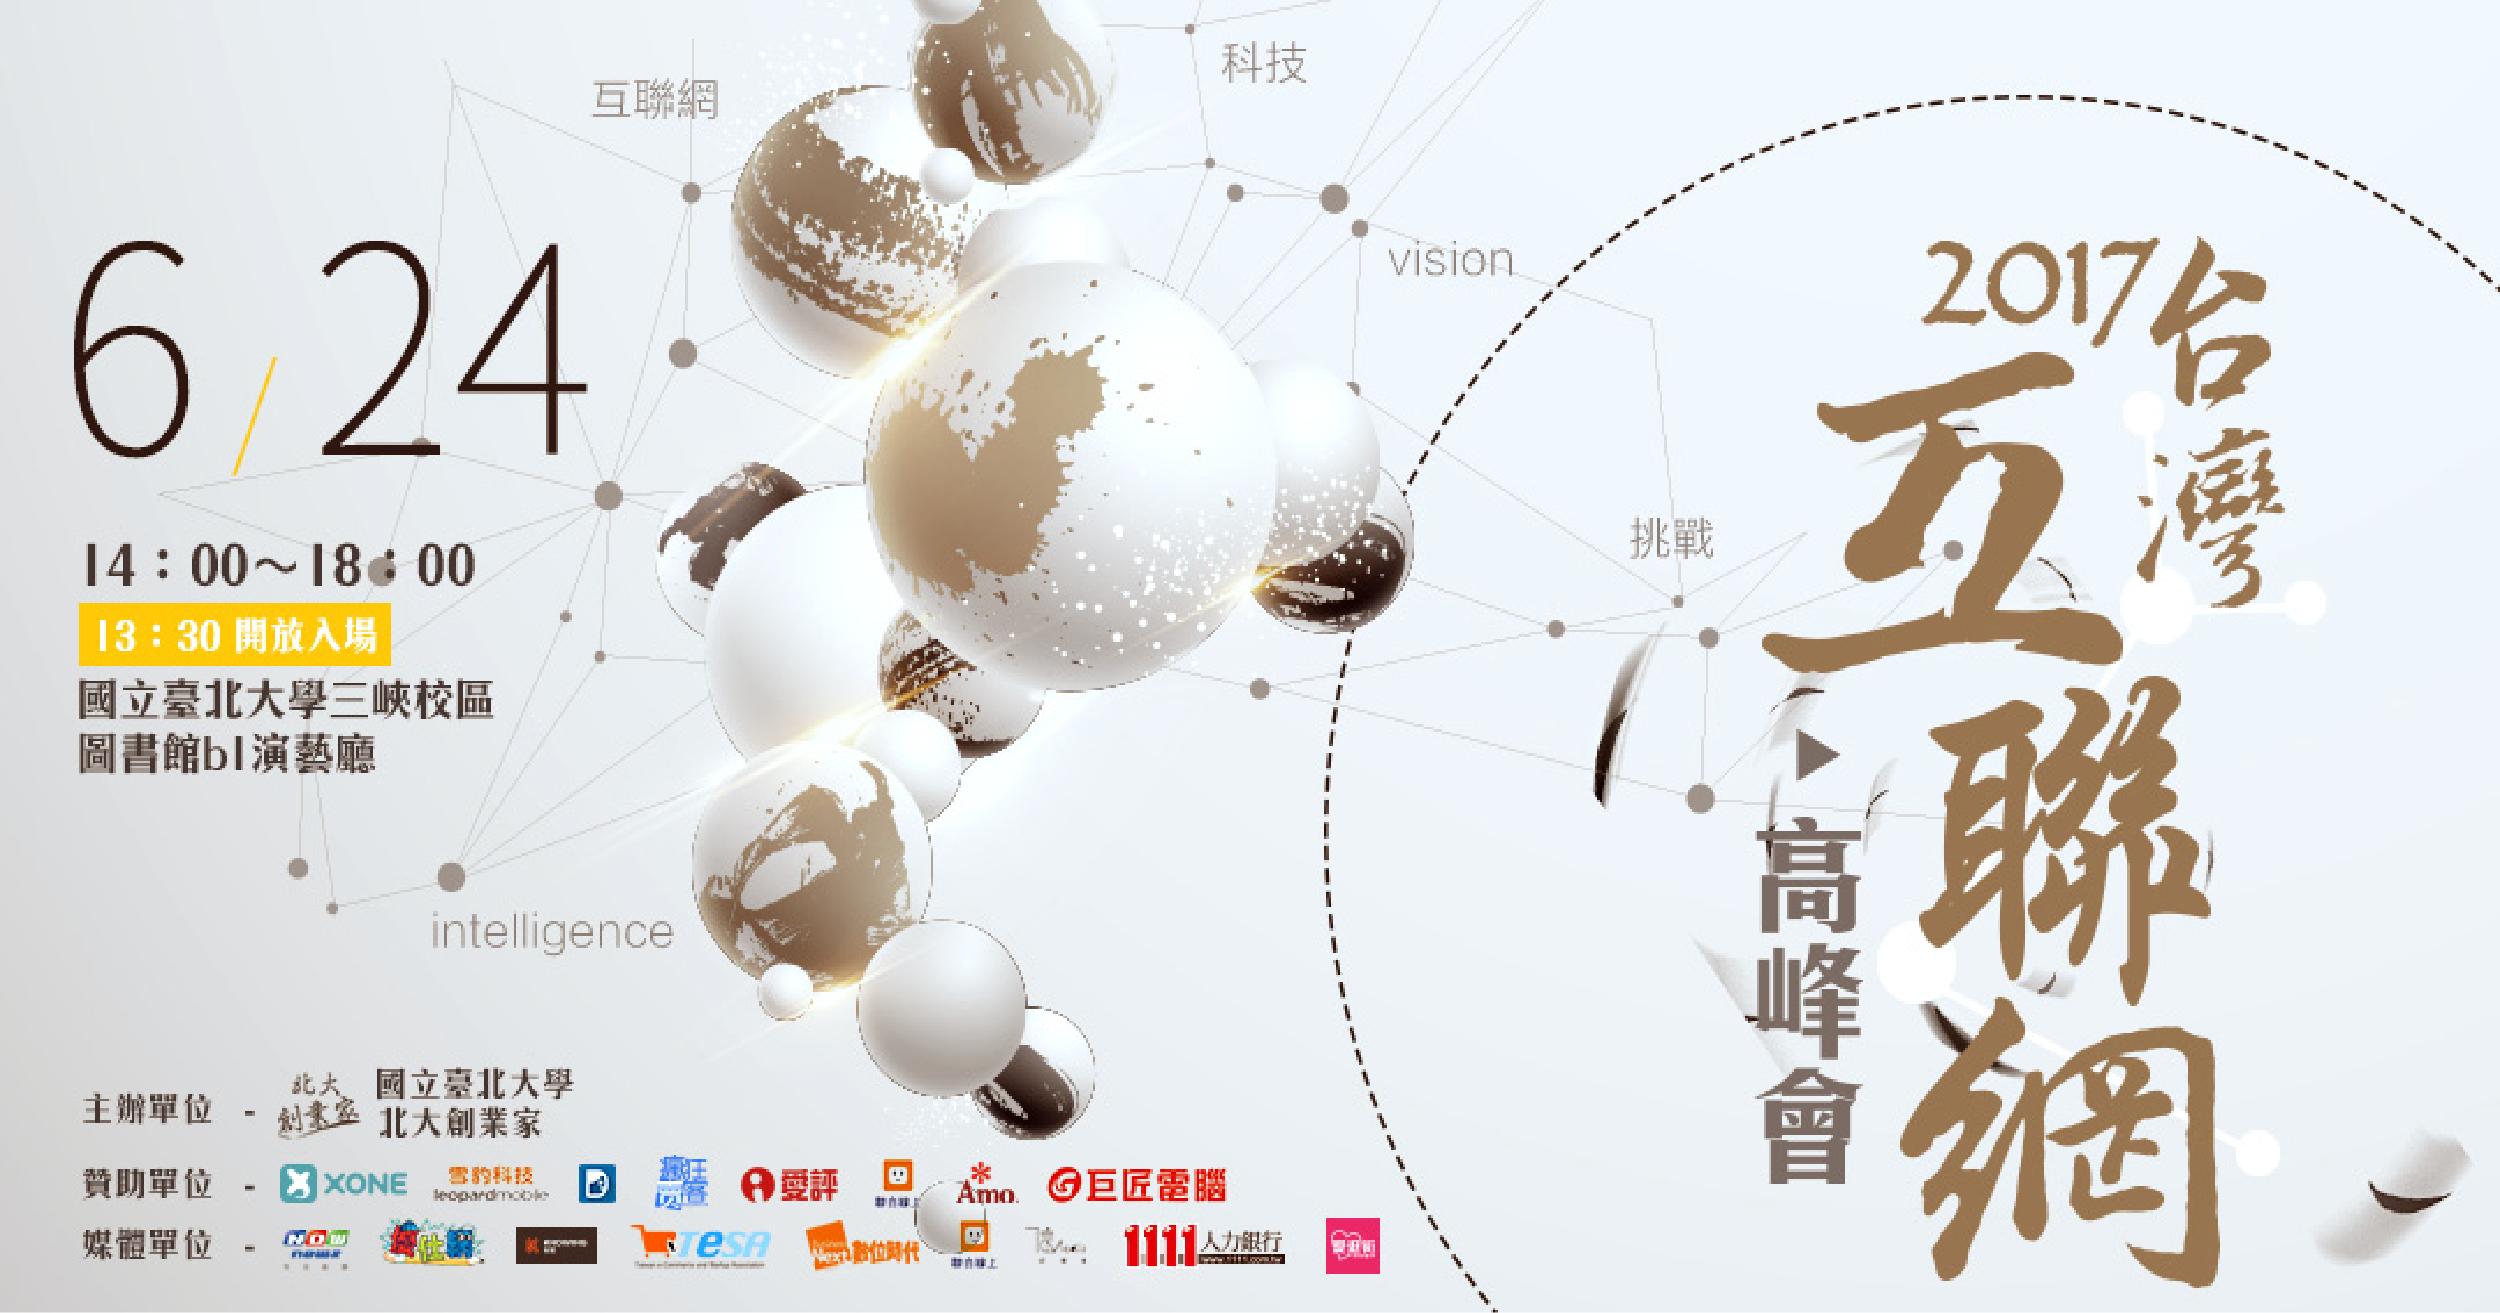 2017台灣互聯網高峰會-互聯網高峰會